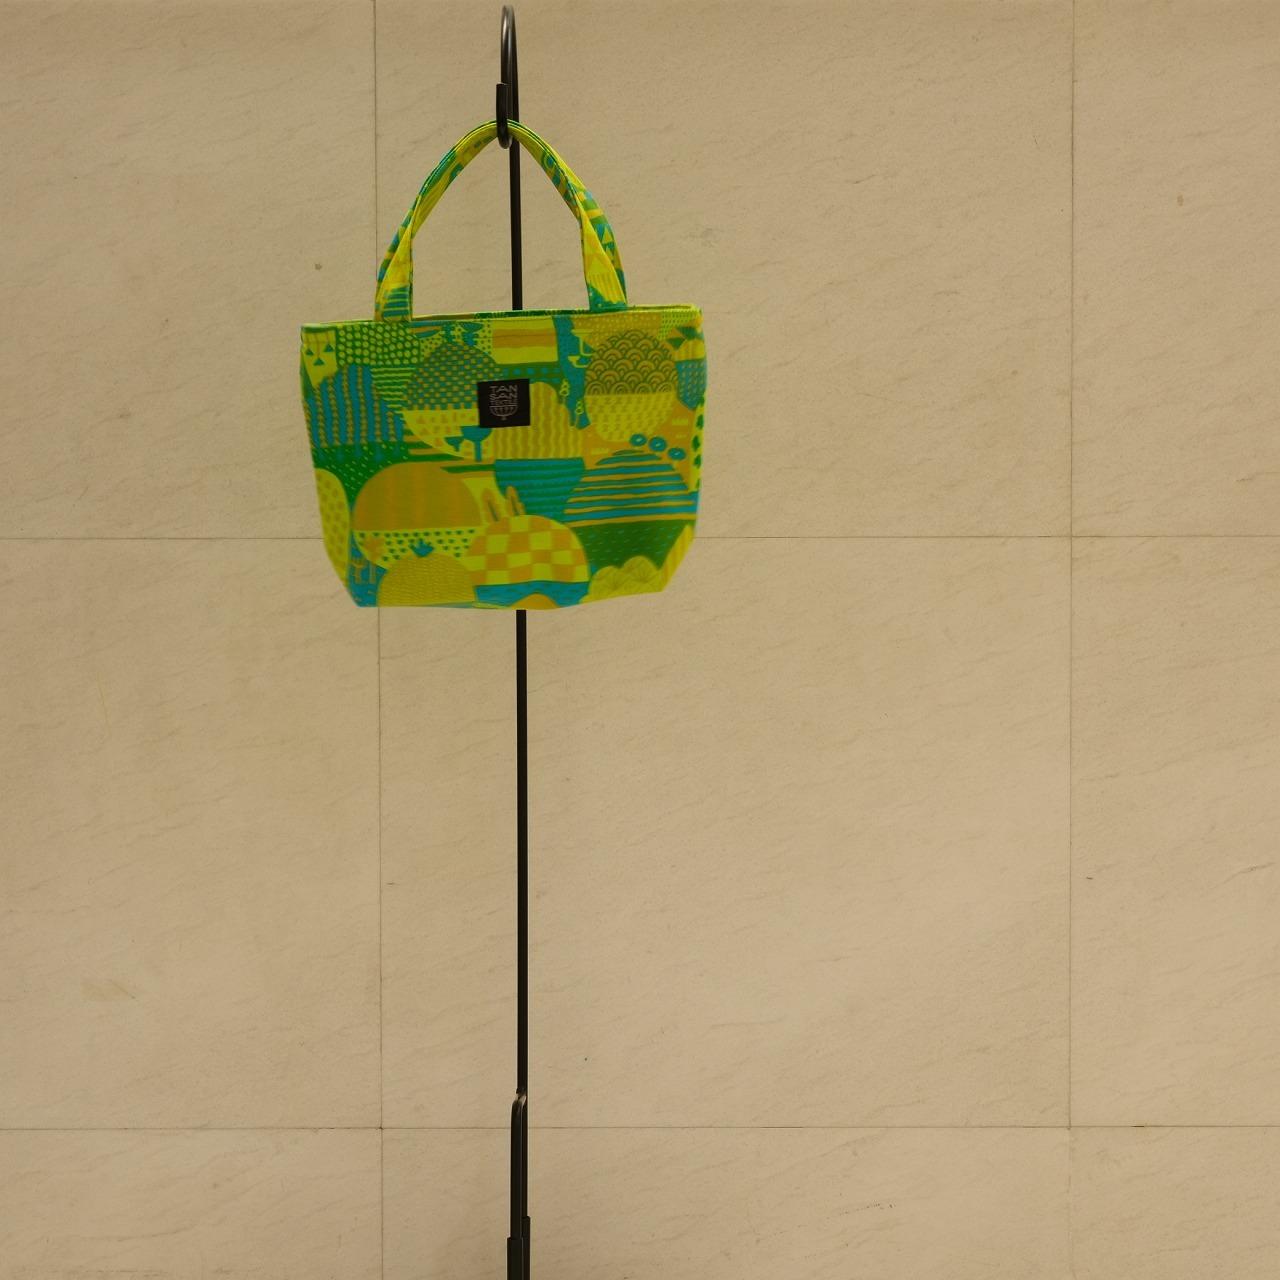 炭酸デザイン室 オンライン展示会 ランチトートバッグ_d0182409_17460879.jpg